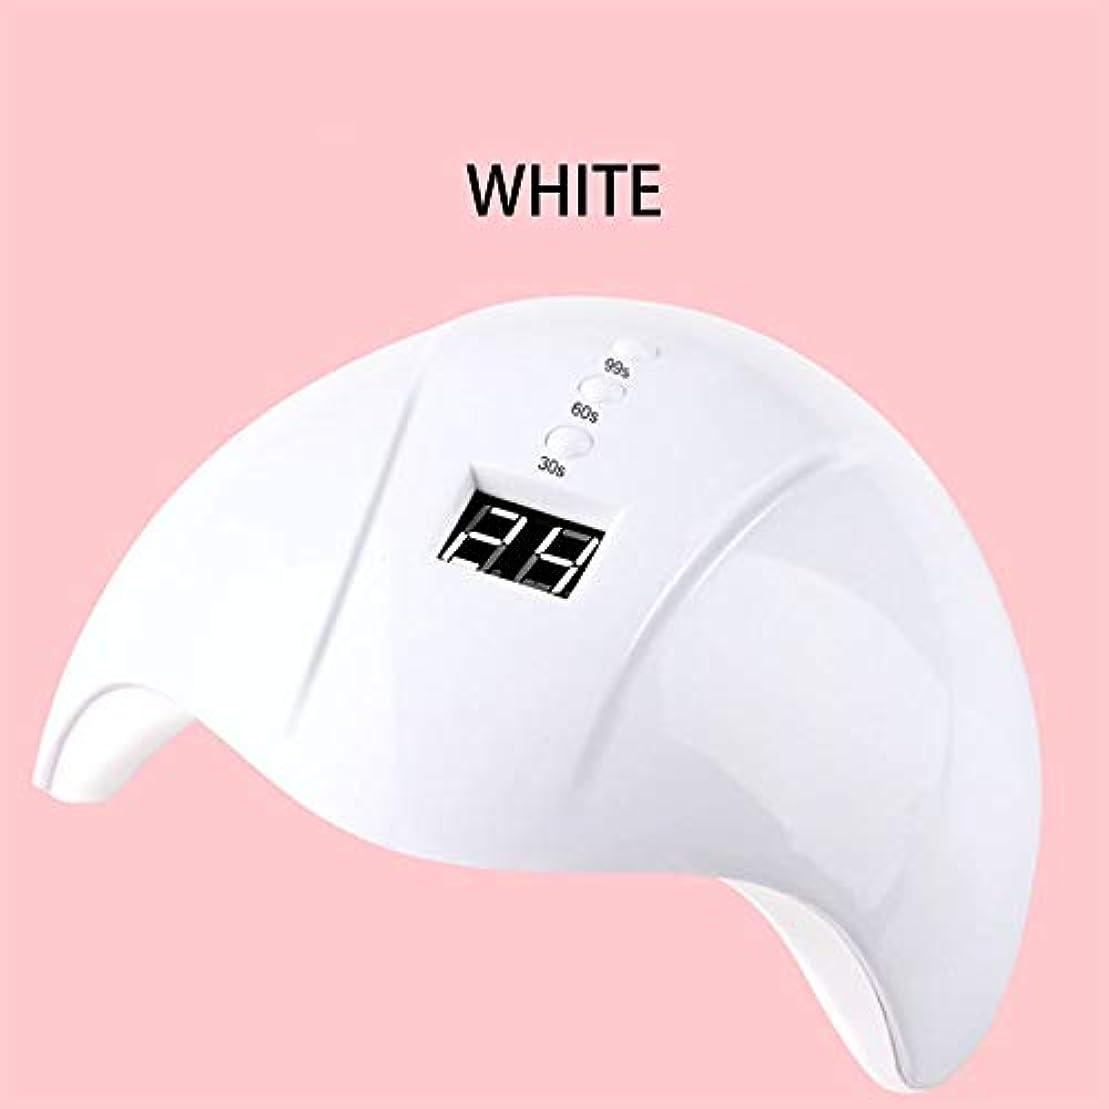 デコレーションカブ開発36W紫外線LEDジェルマニキュアを硬化させるための赤外線センサー、UVネイルライトクイック乾燥機、3つのタイマーとネイルLEDランプ(PINK/WHITE),白